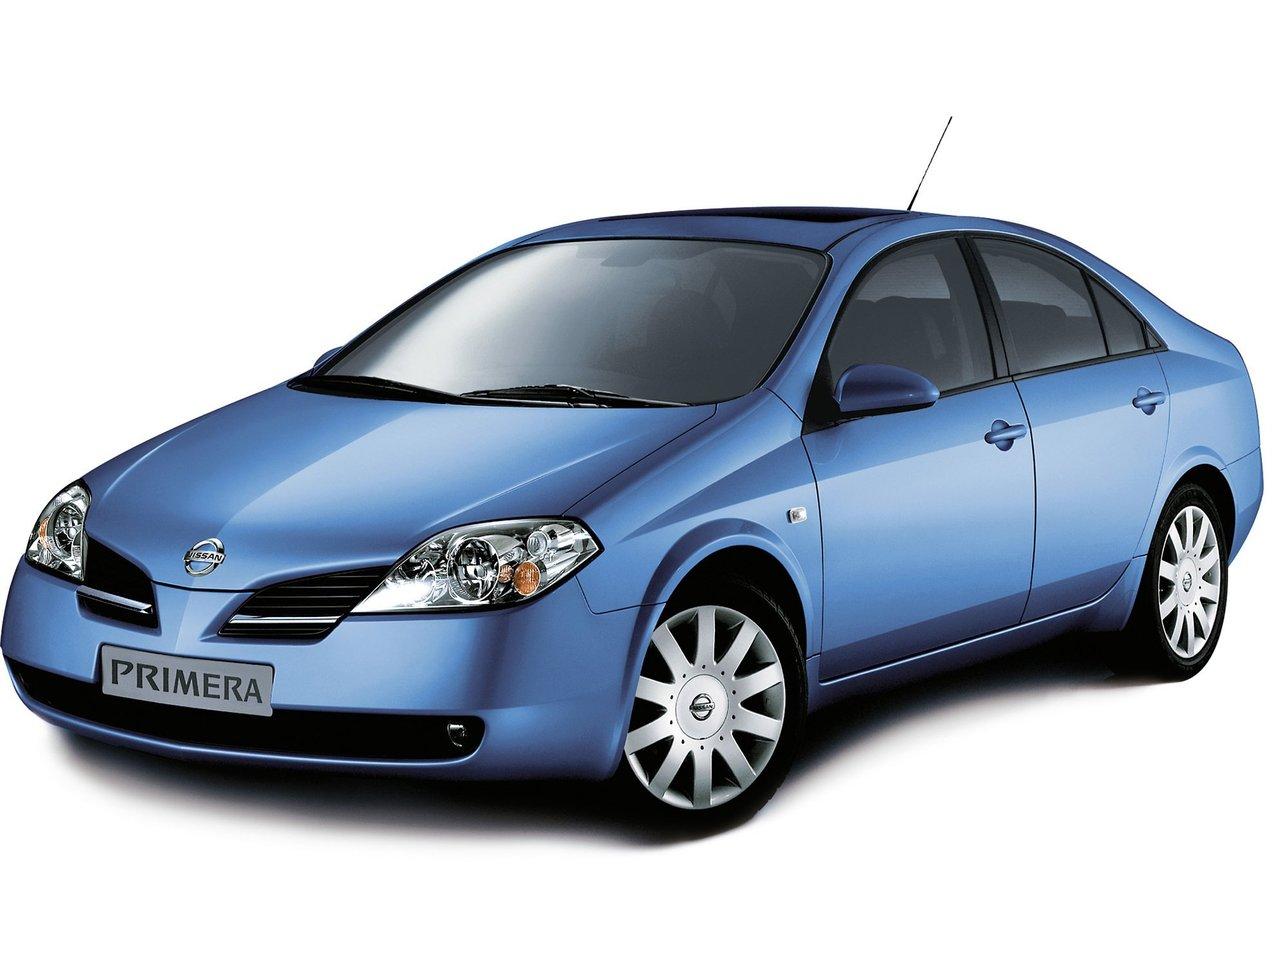 Картинки по запросу Nissan Primera хэтчбек